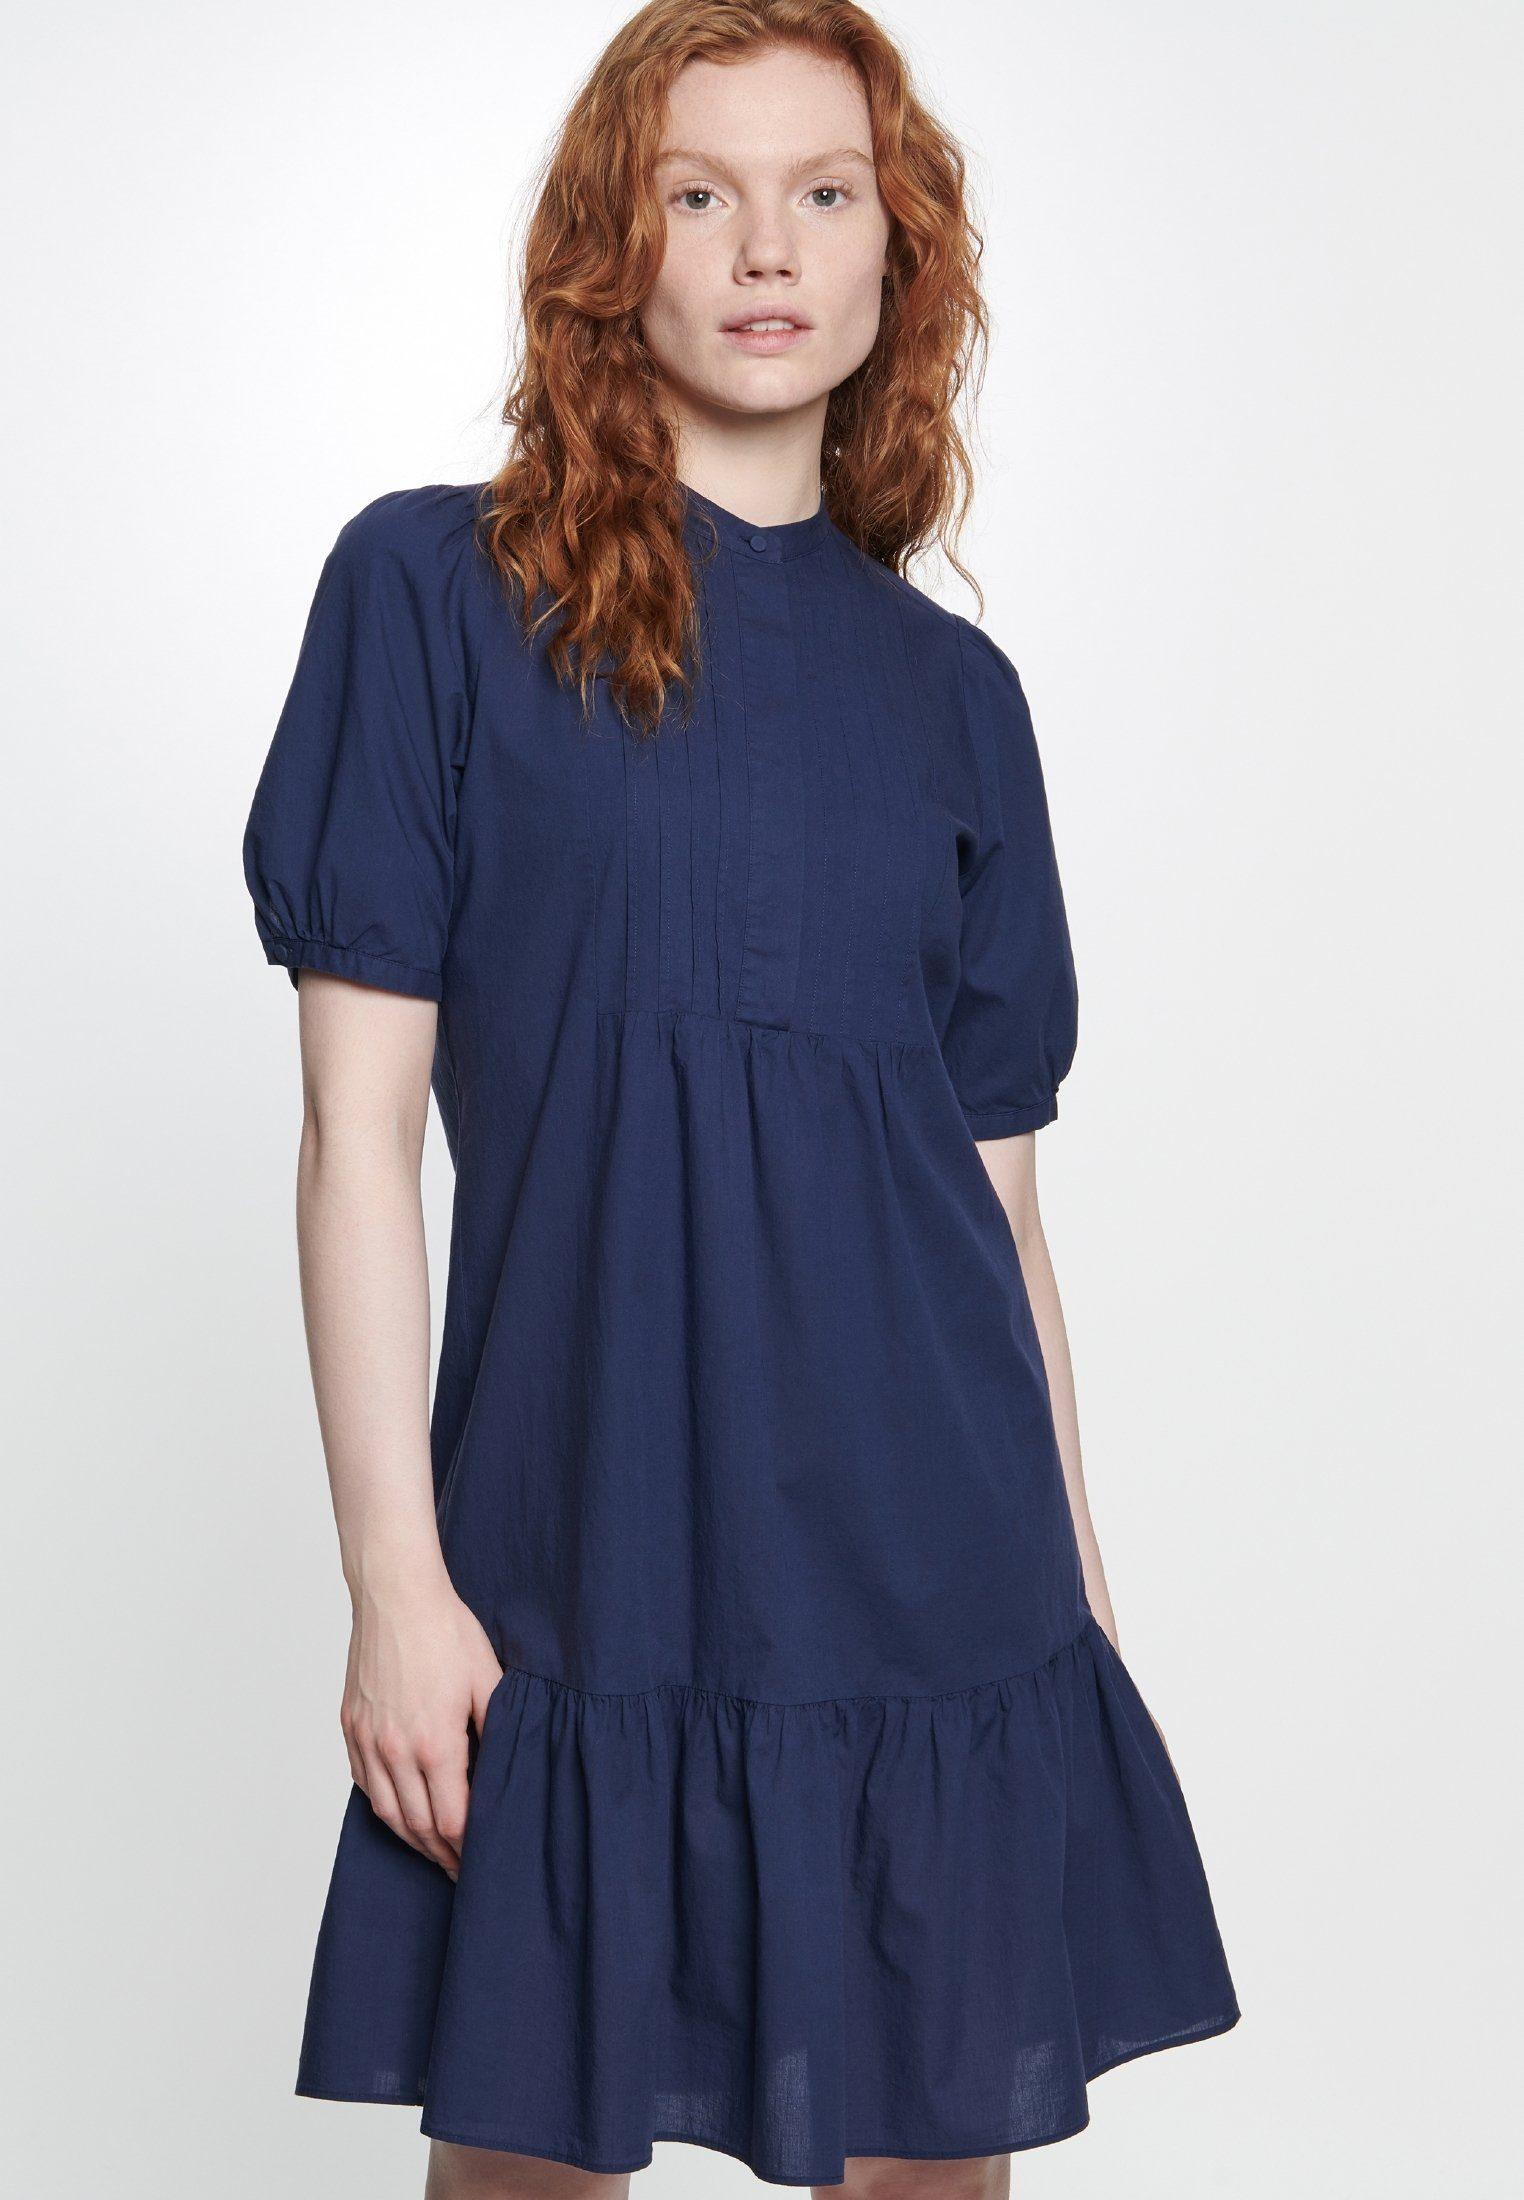 seidensticker Sommerkleid »Schwarze Rose« Kurzarm Kragen Uni, Passform: Regular fit online kaufen | OTTO